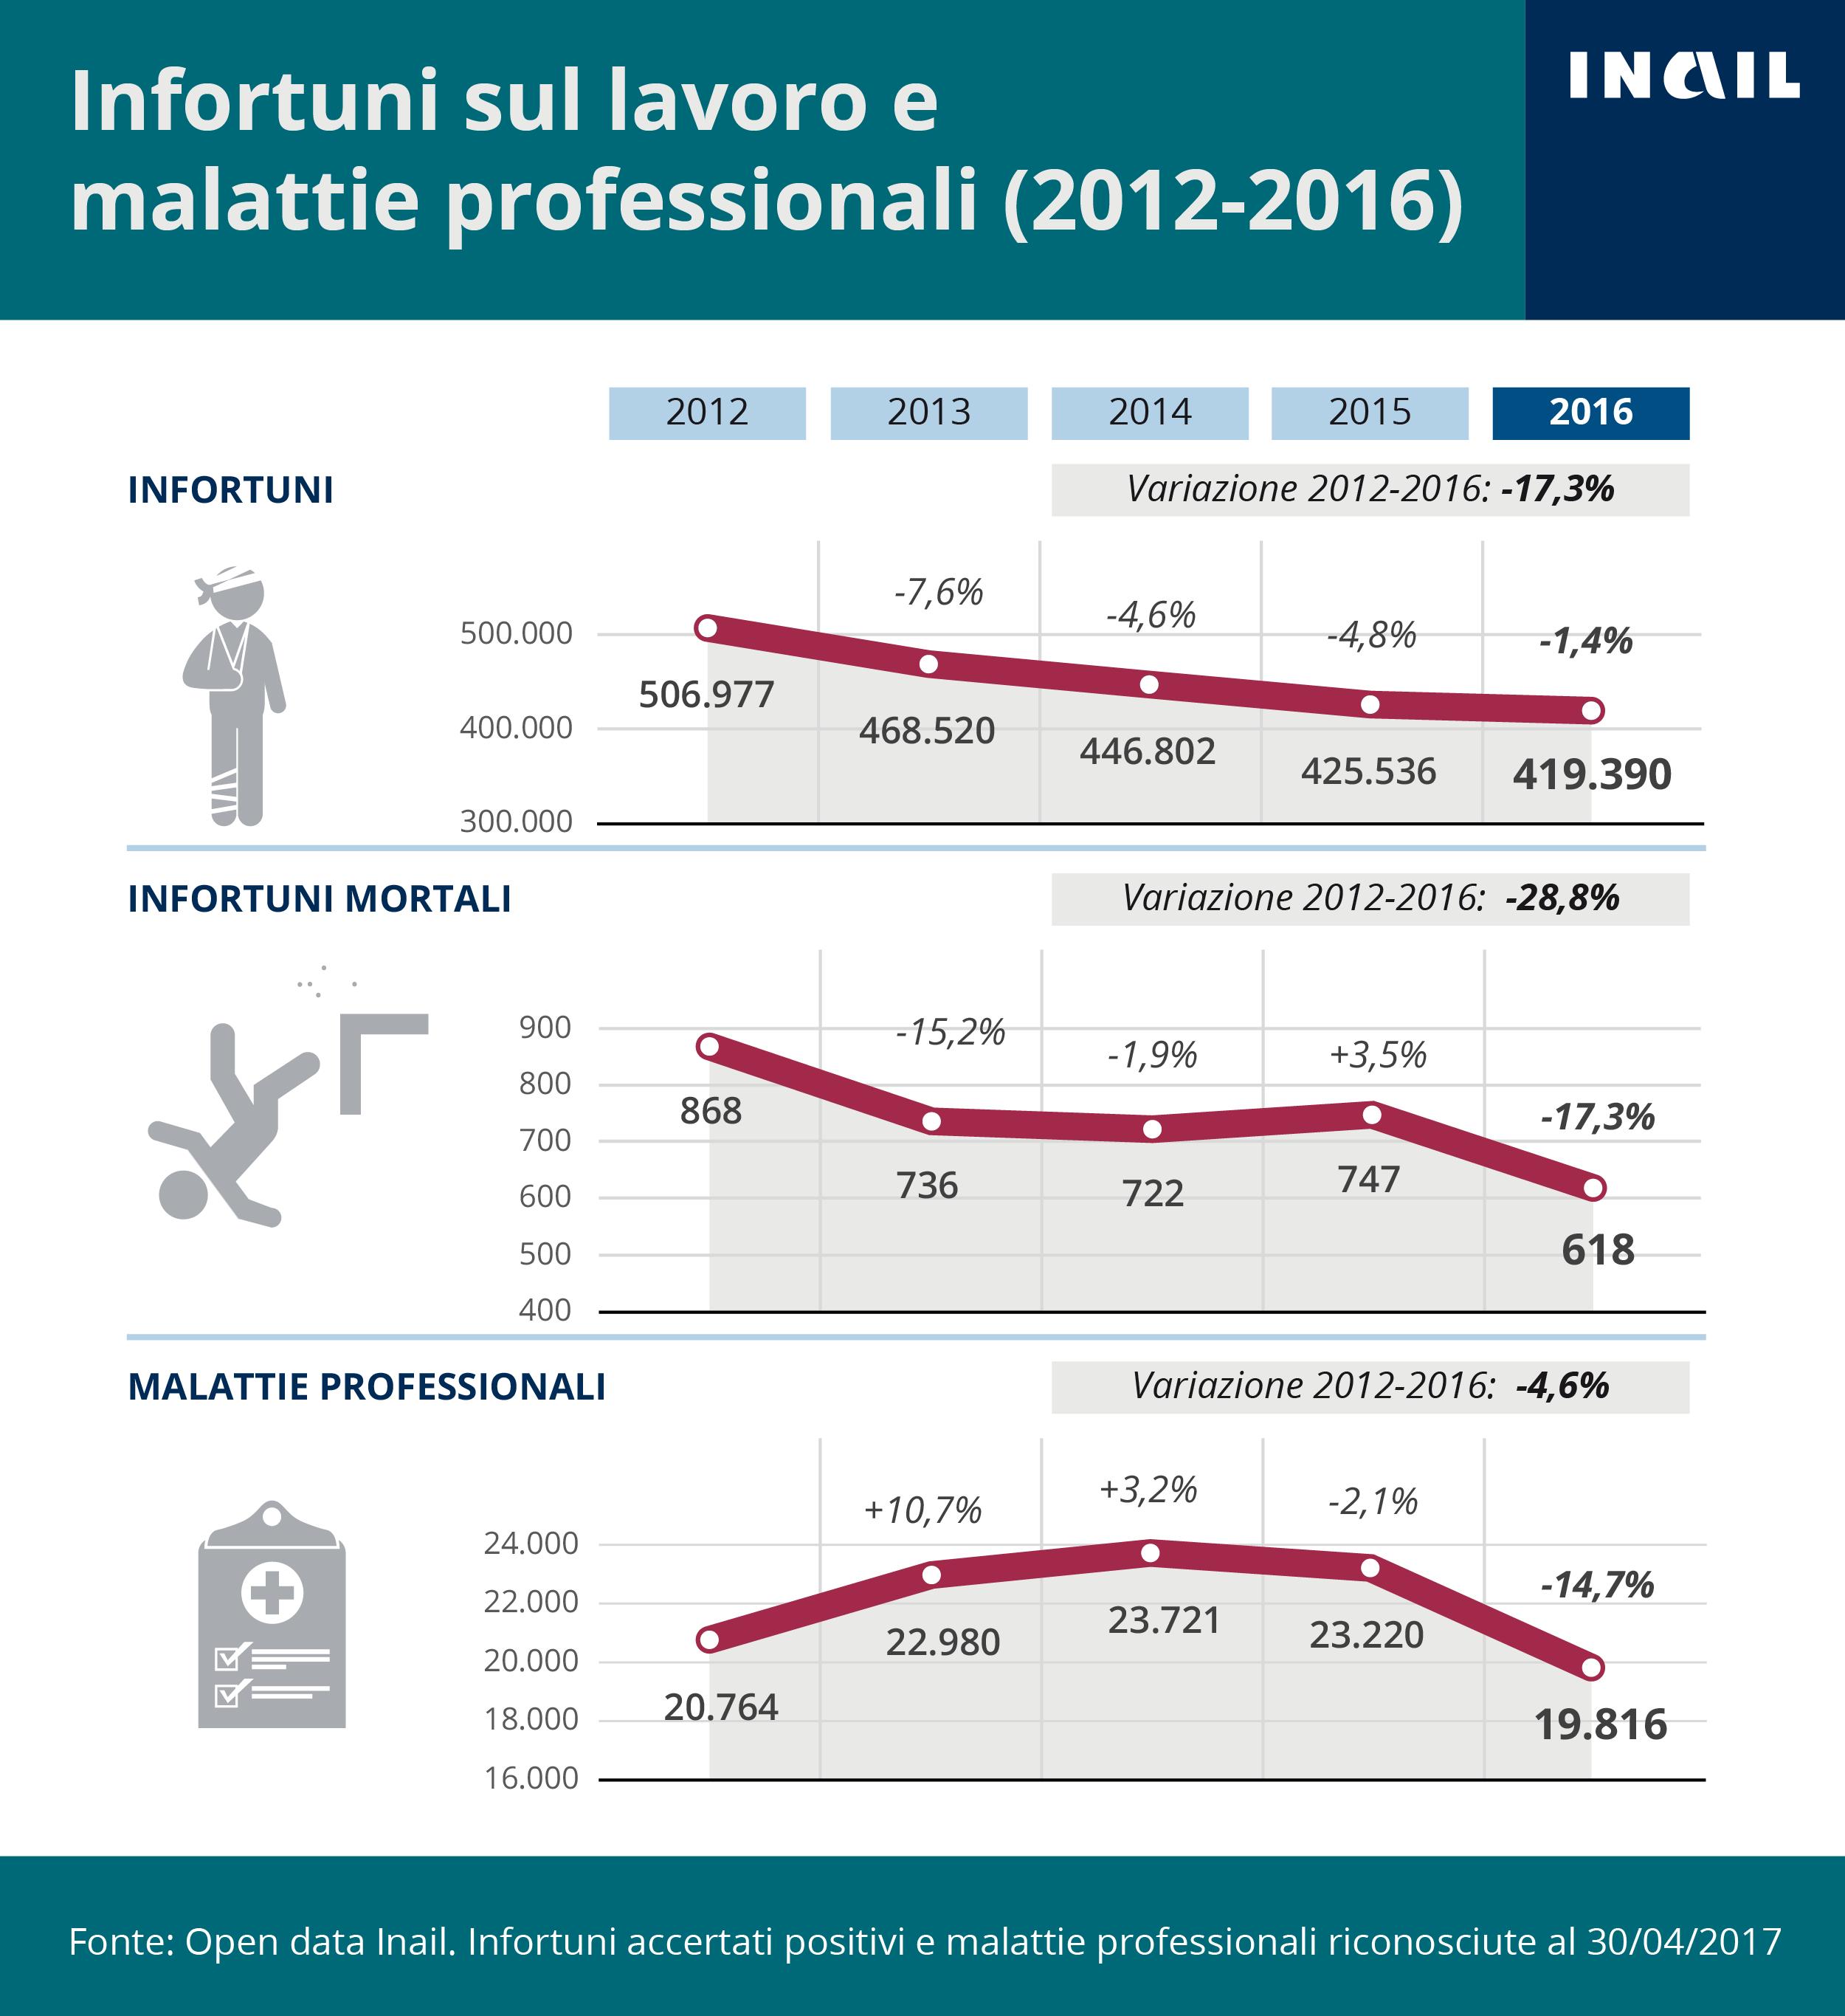 L'infografica illustra la serie storica 2012-2016 degli infortuni sul lavoro accertati e delle malattie professionali riconosciute dall'Inail